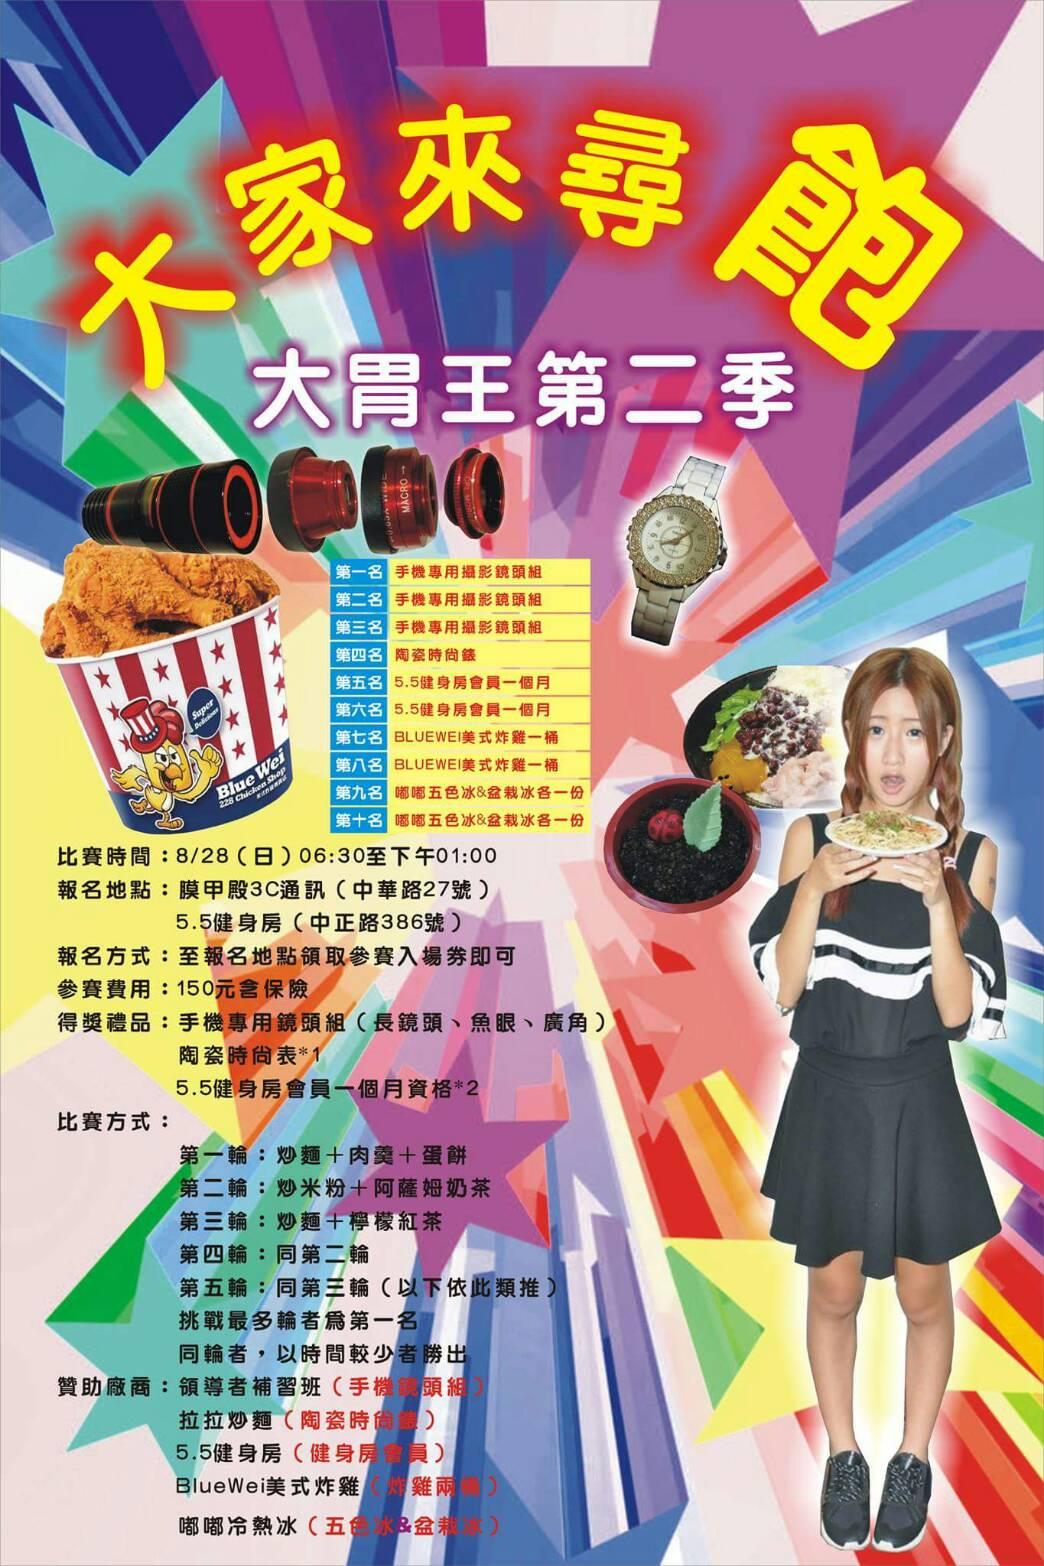 大胃王挑戰賽第二季:大家來尋飽(8/28)